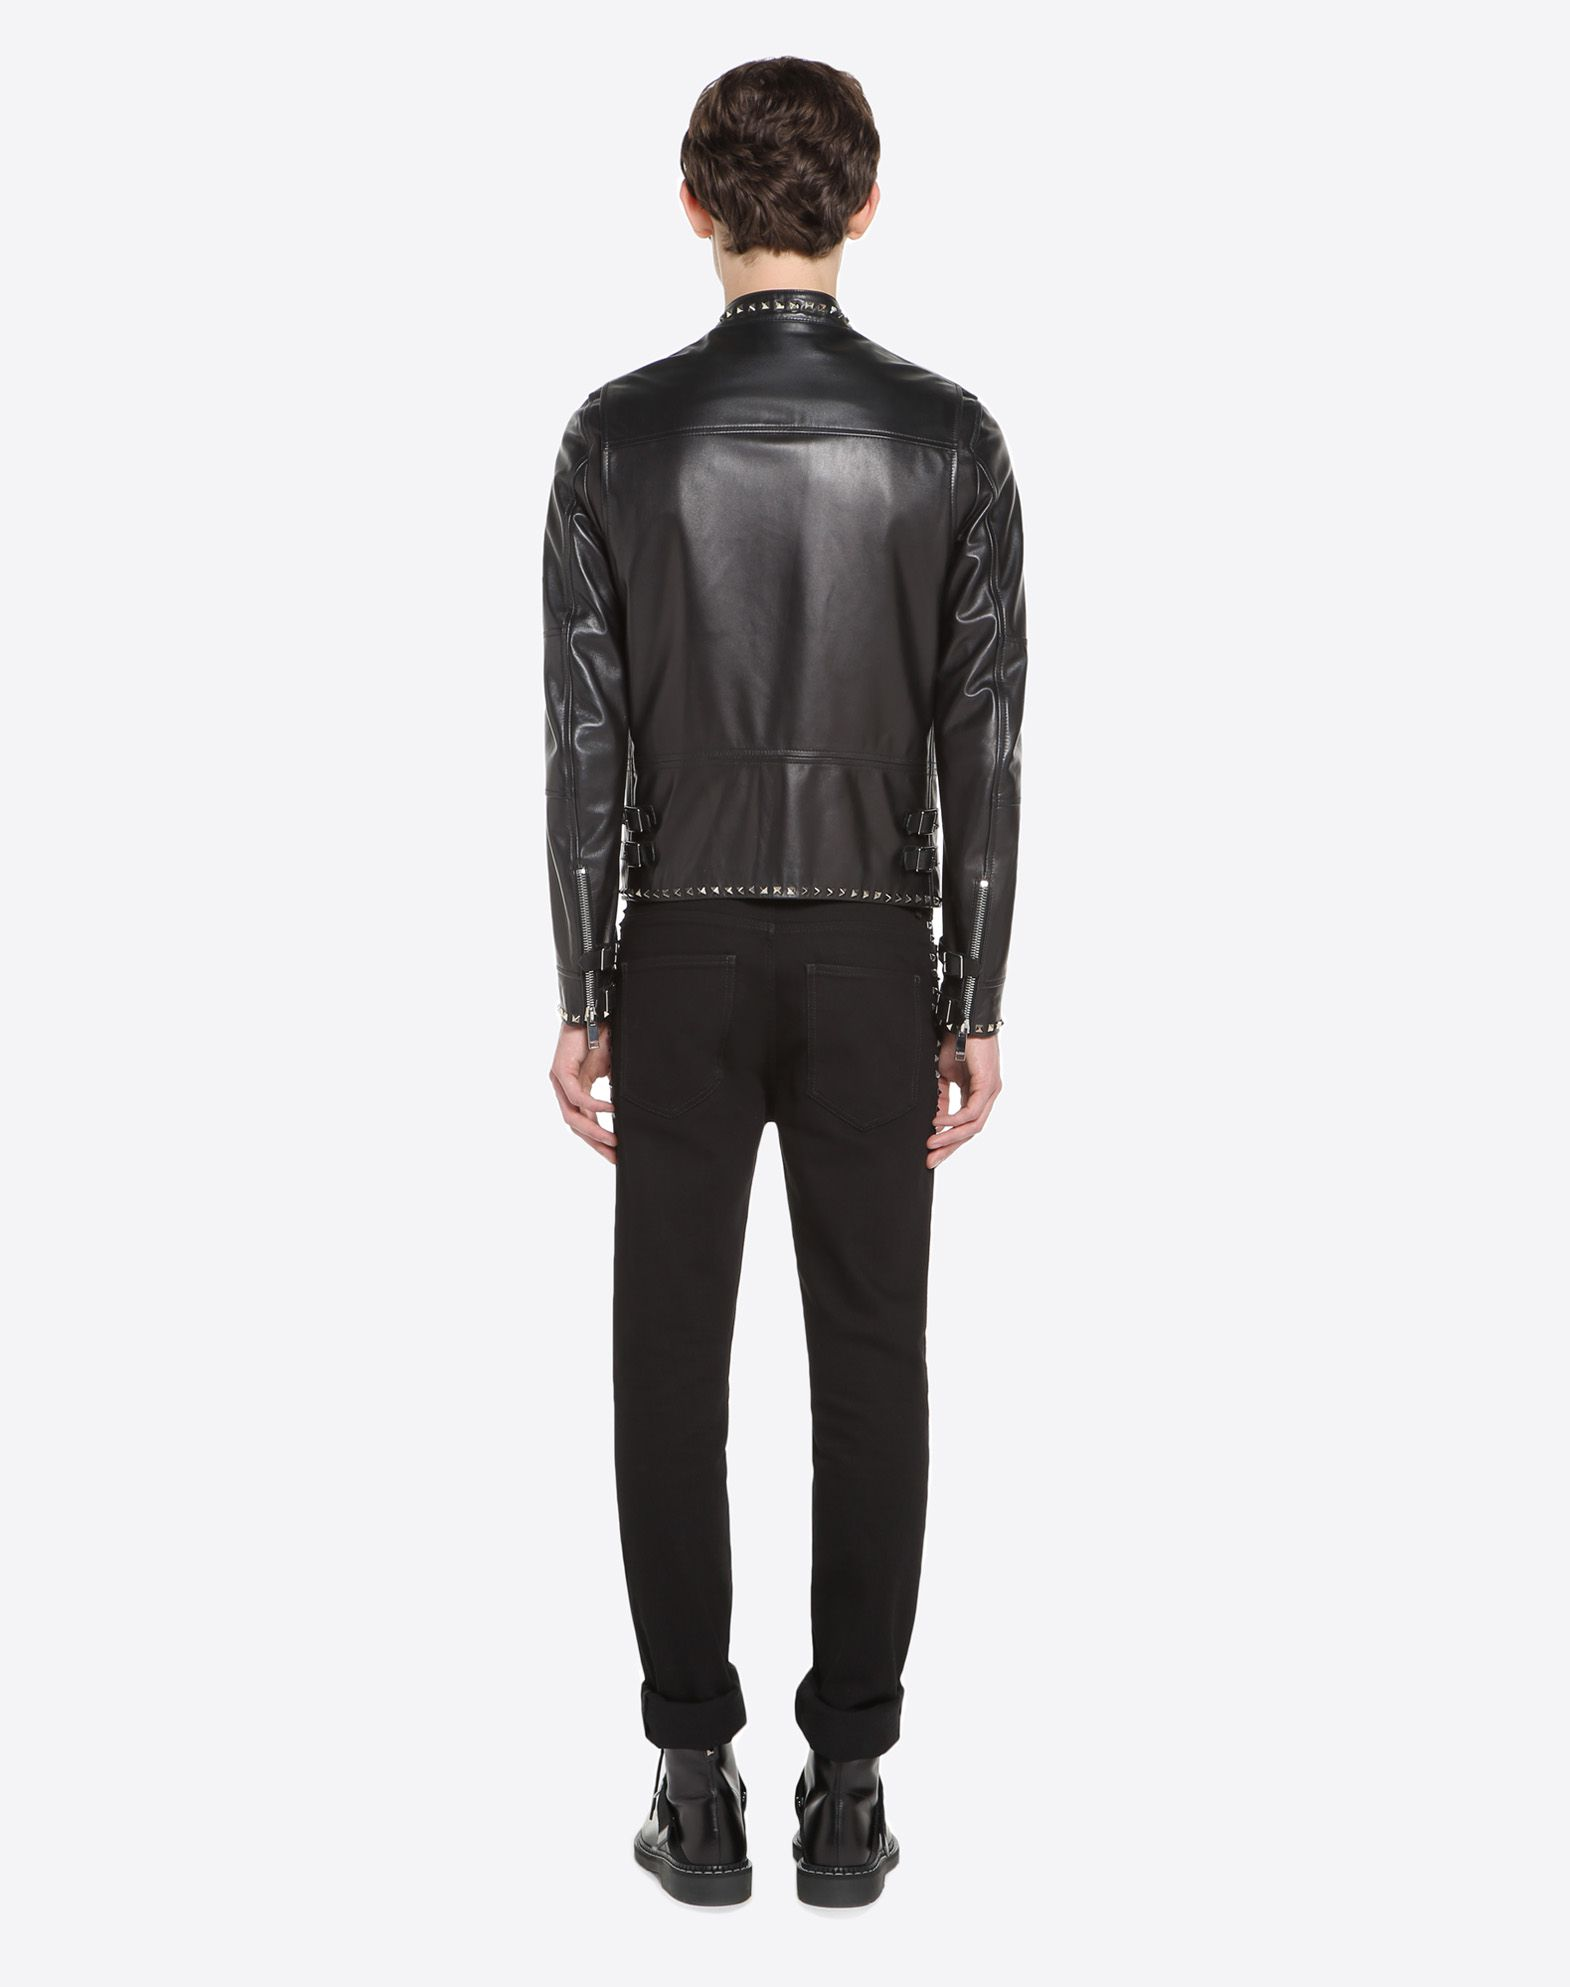 VALENTINO Rockstud Untitled leather biker jacket JACKET U e